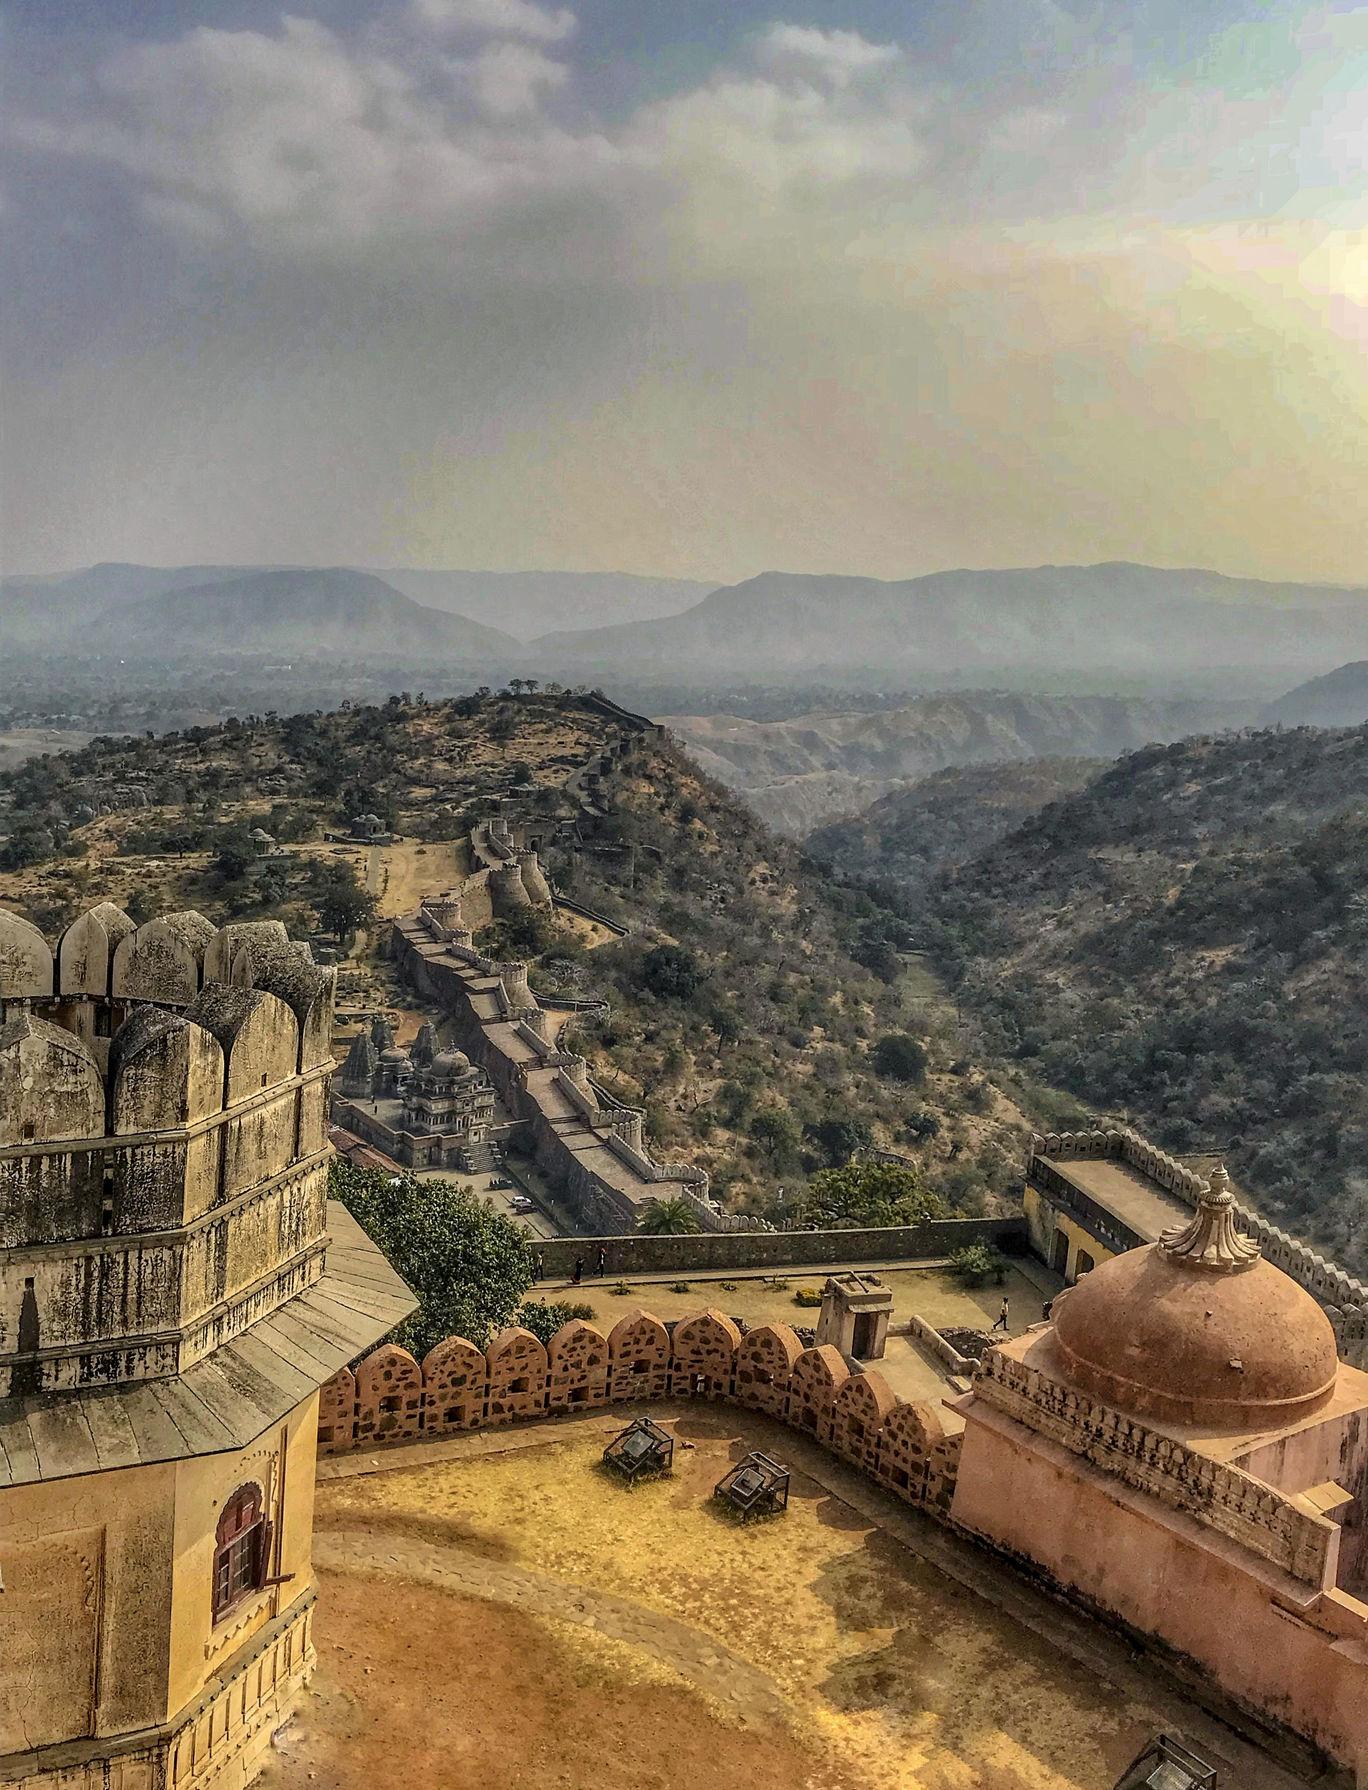 Photo of Kumbhalgarh By shivangi jain